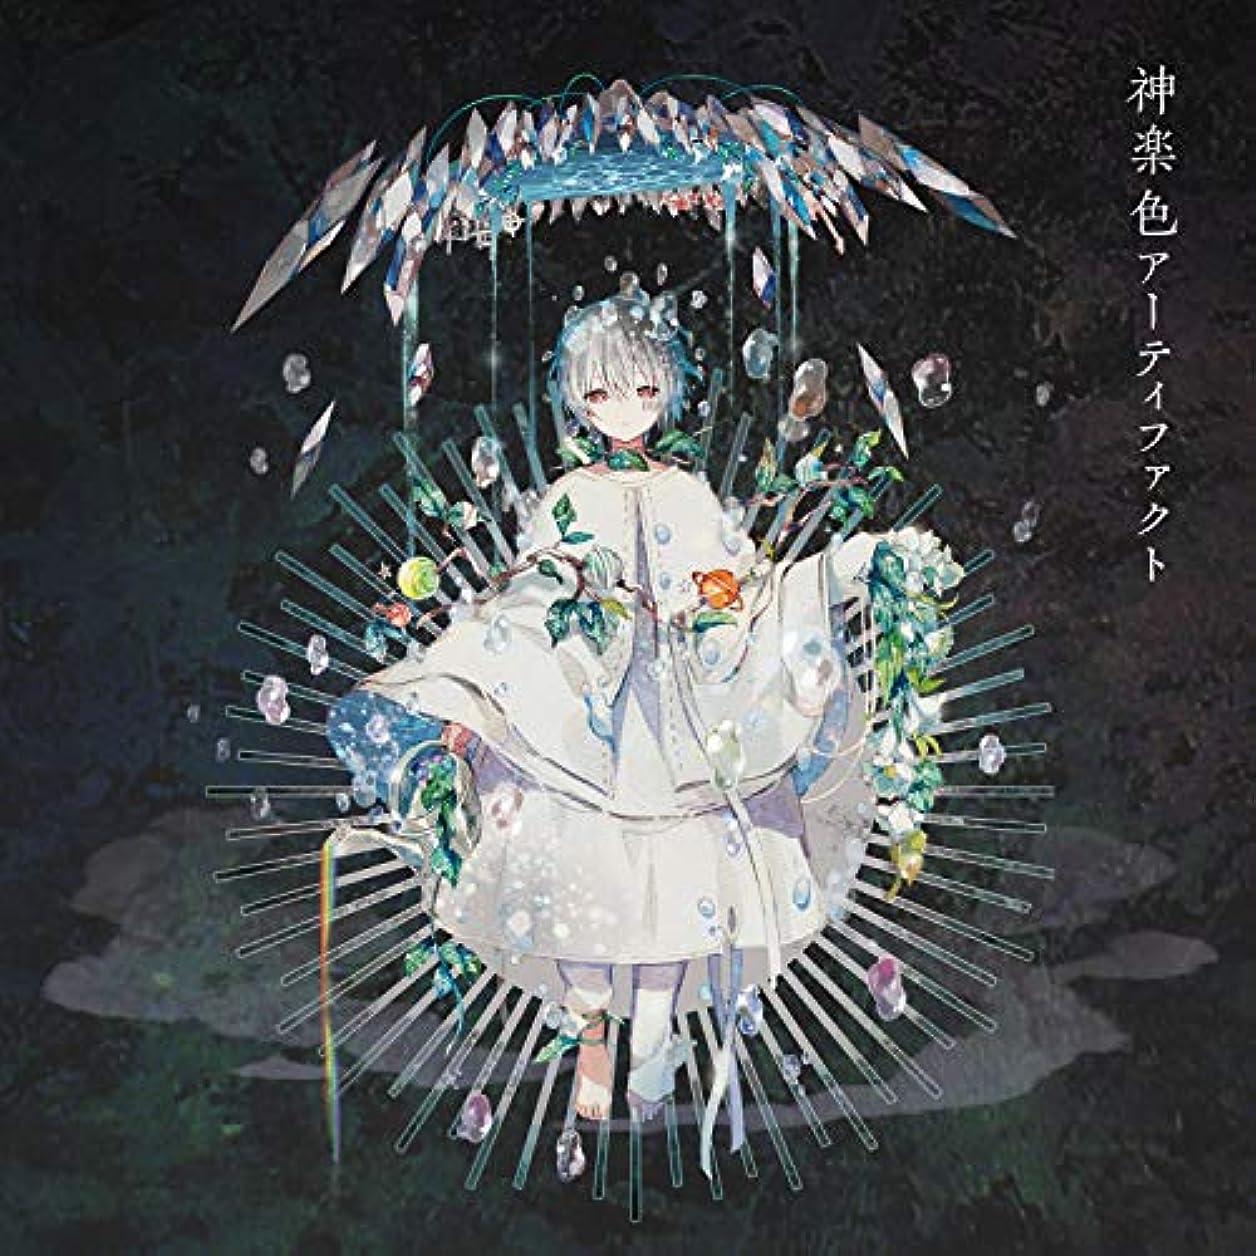 区画めまい神神楽色アーティファクト(初回生産限定盤A)(CD+DVD)